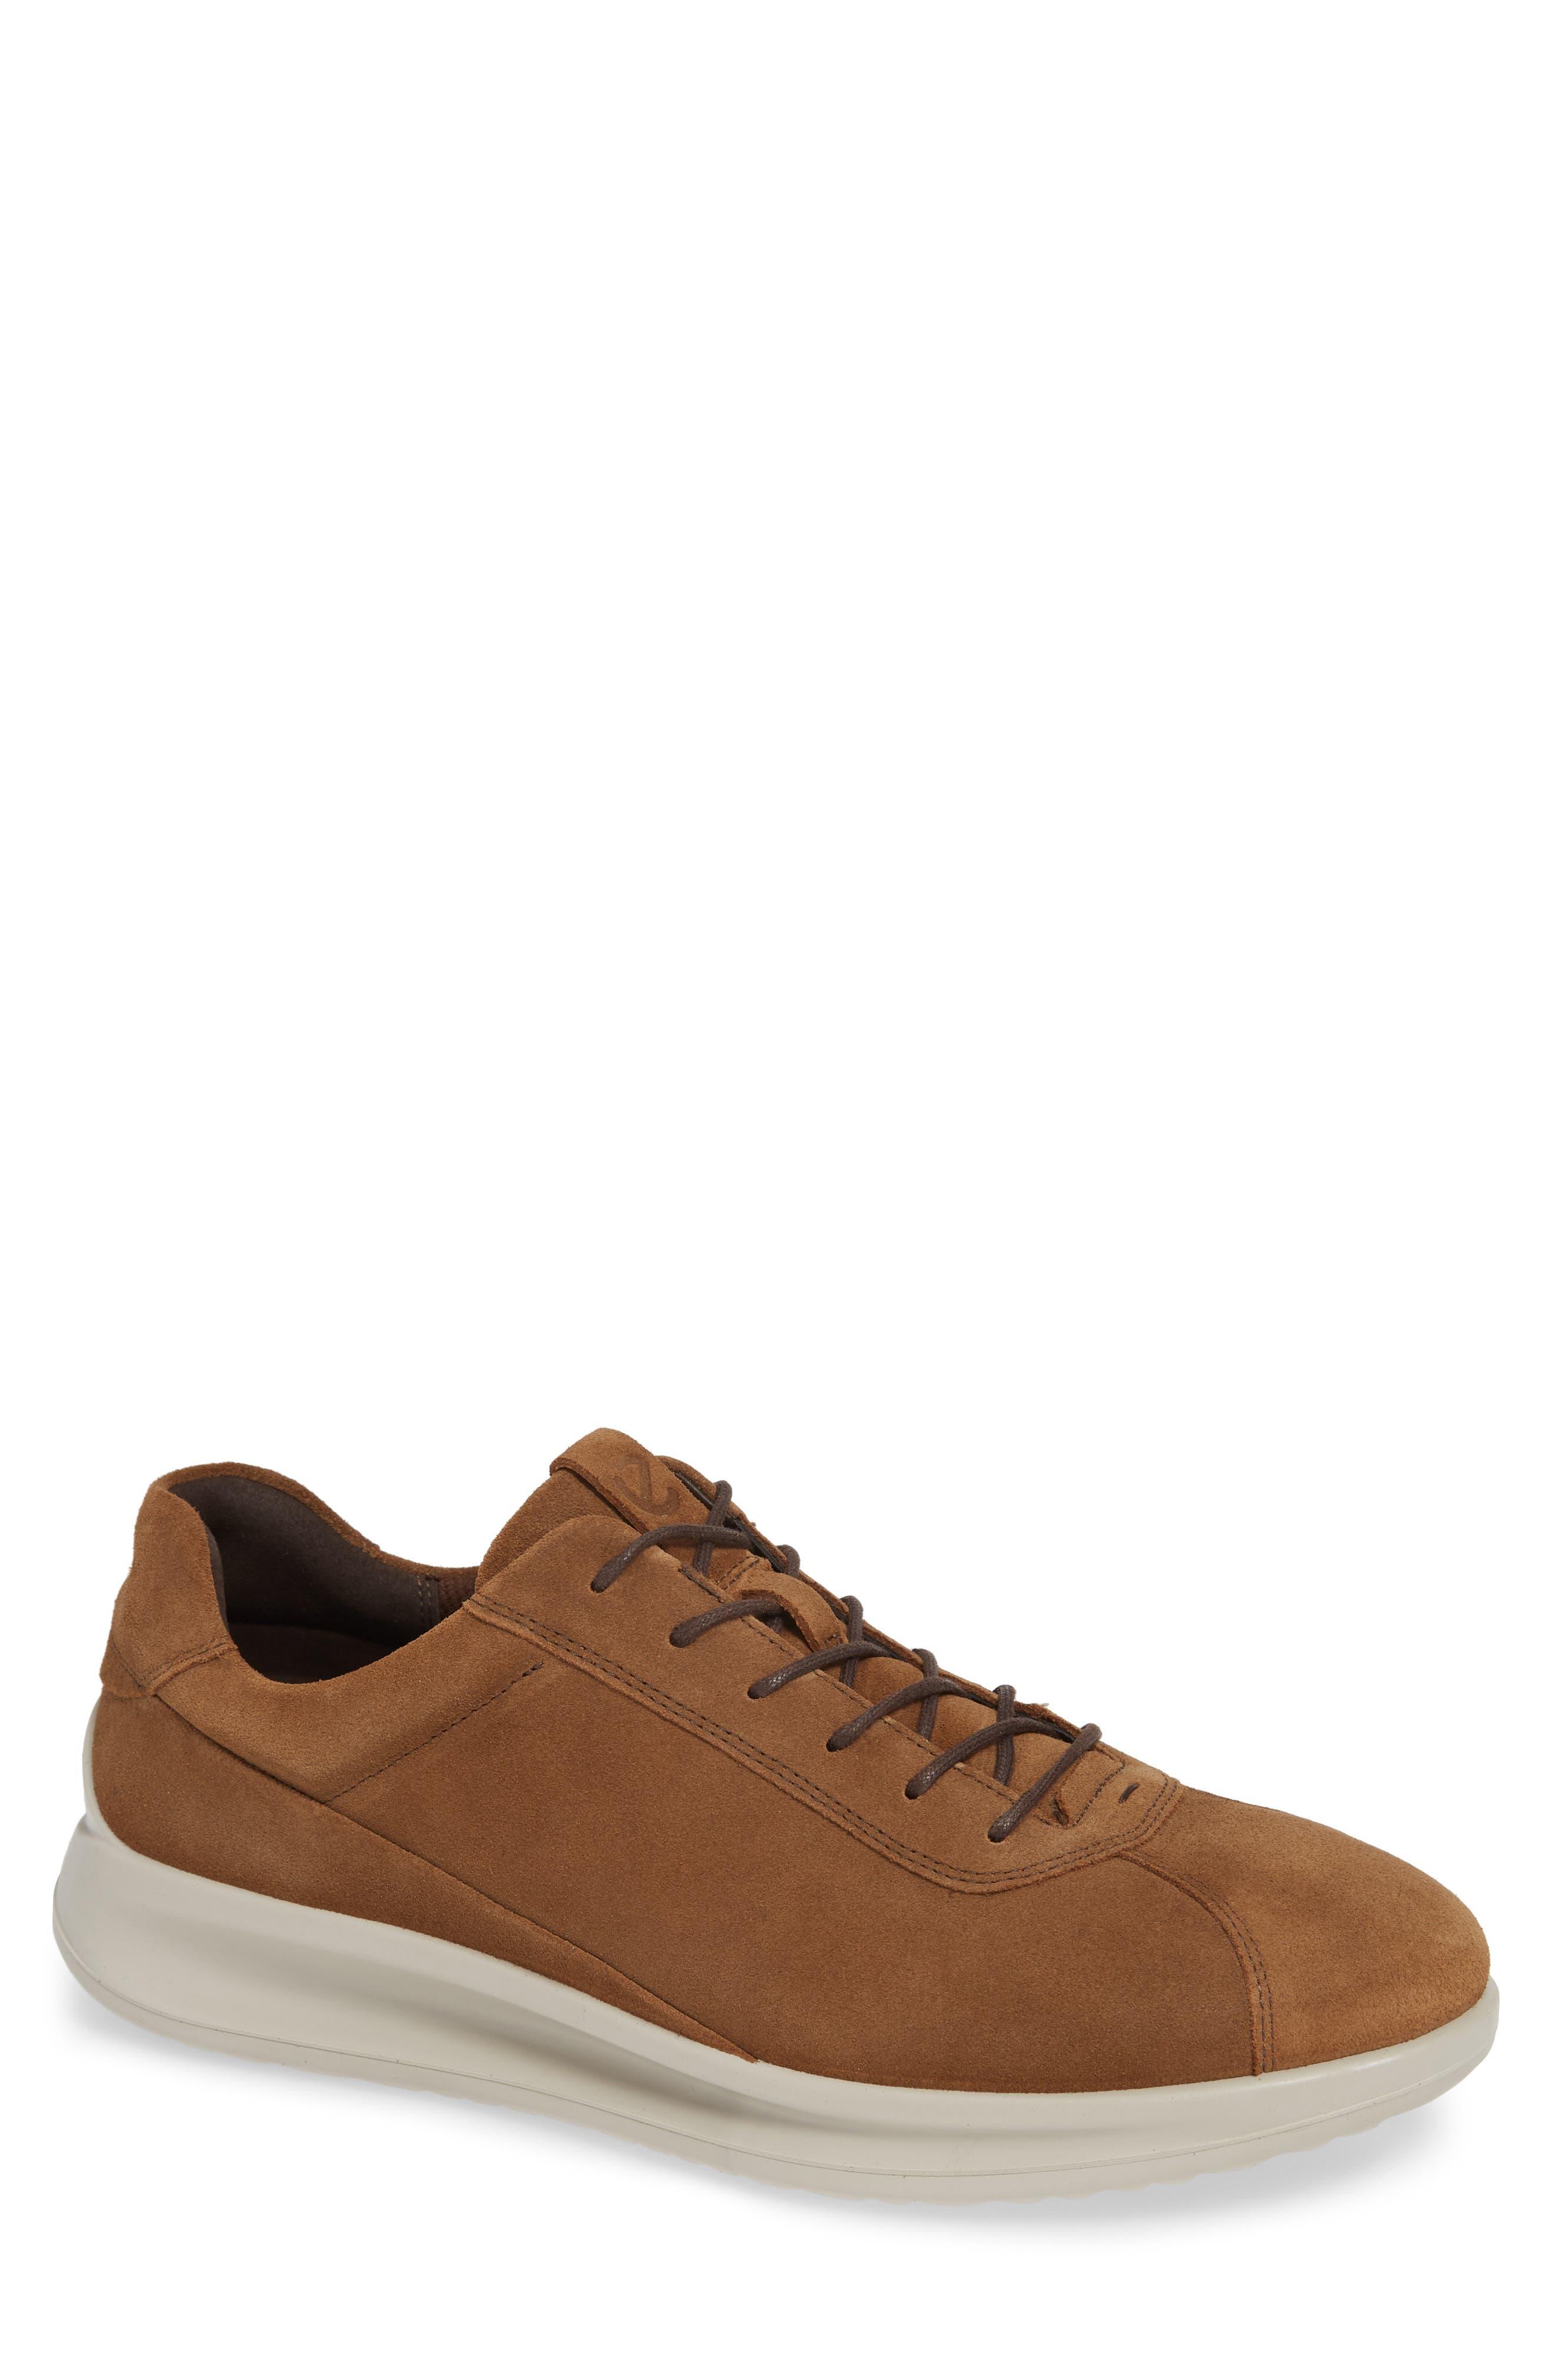 Vitrus Aquet Sneaker,                         Main,                         color, 204